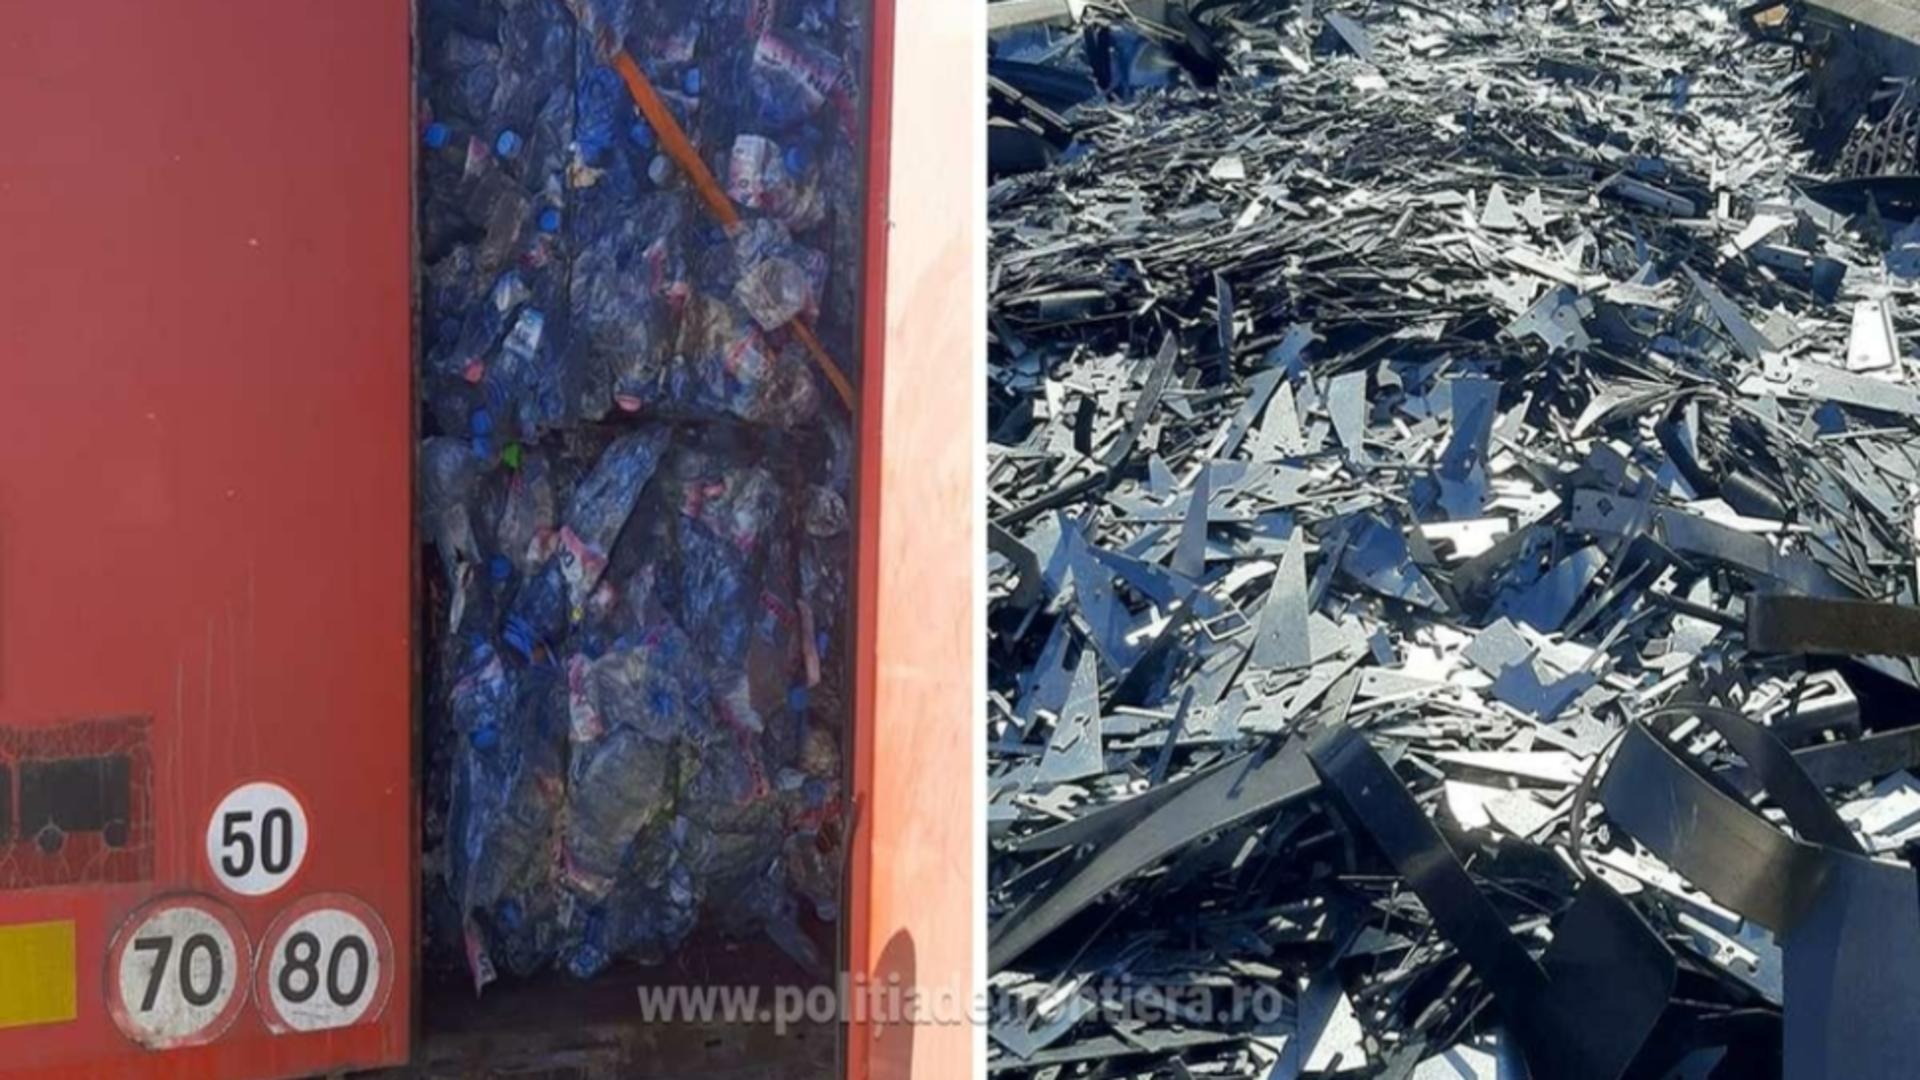 Deșeuri plastice și metalice PTF Giurgiu / Foto: Poliția de Frontieră